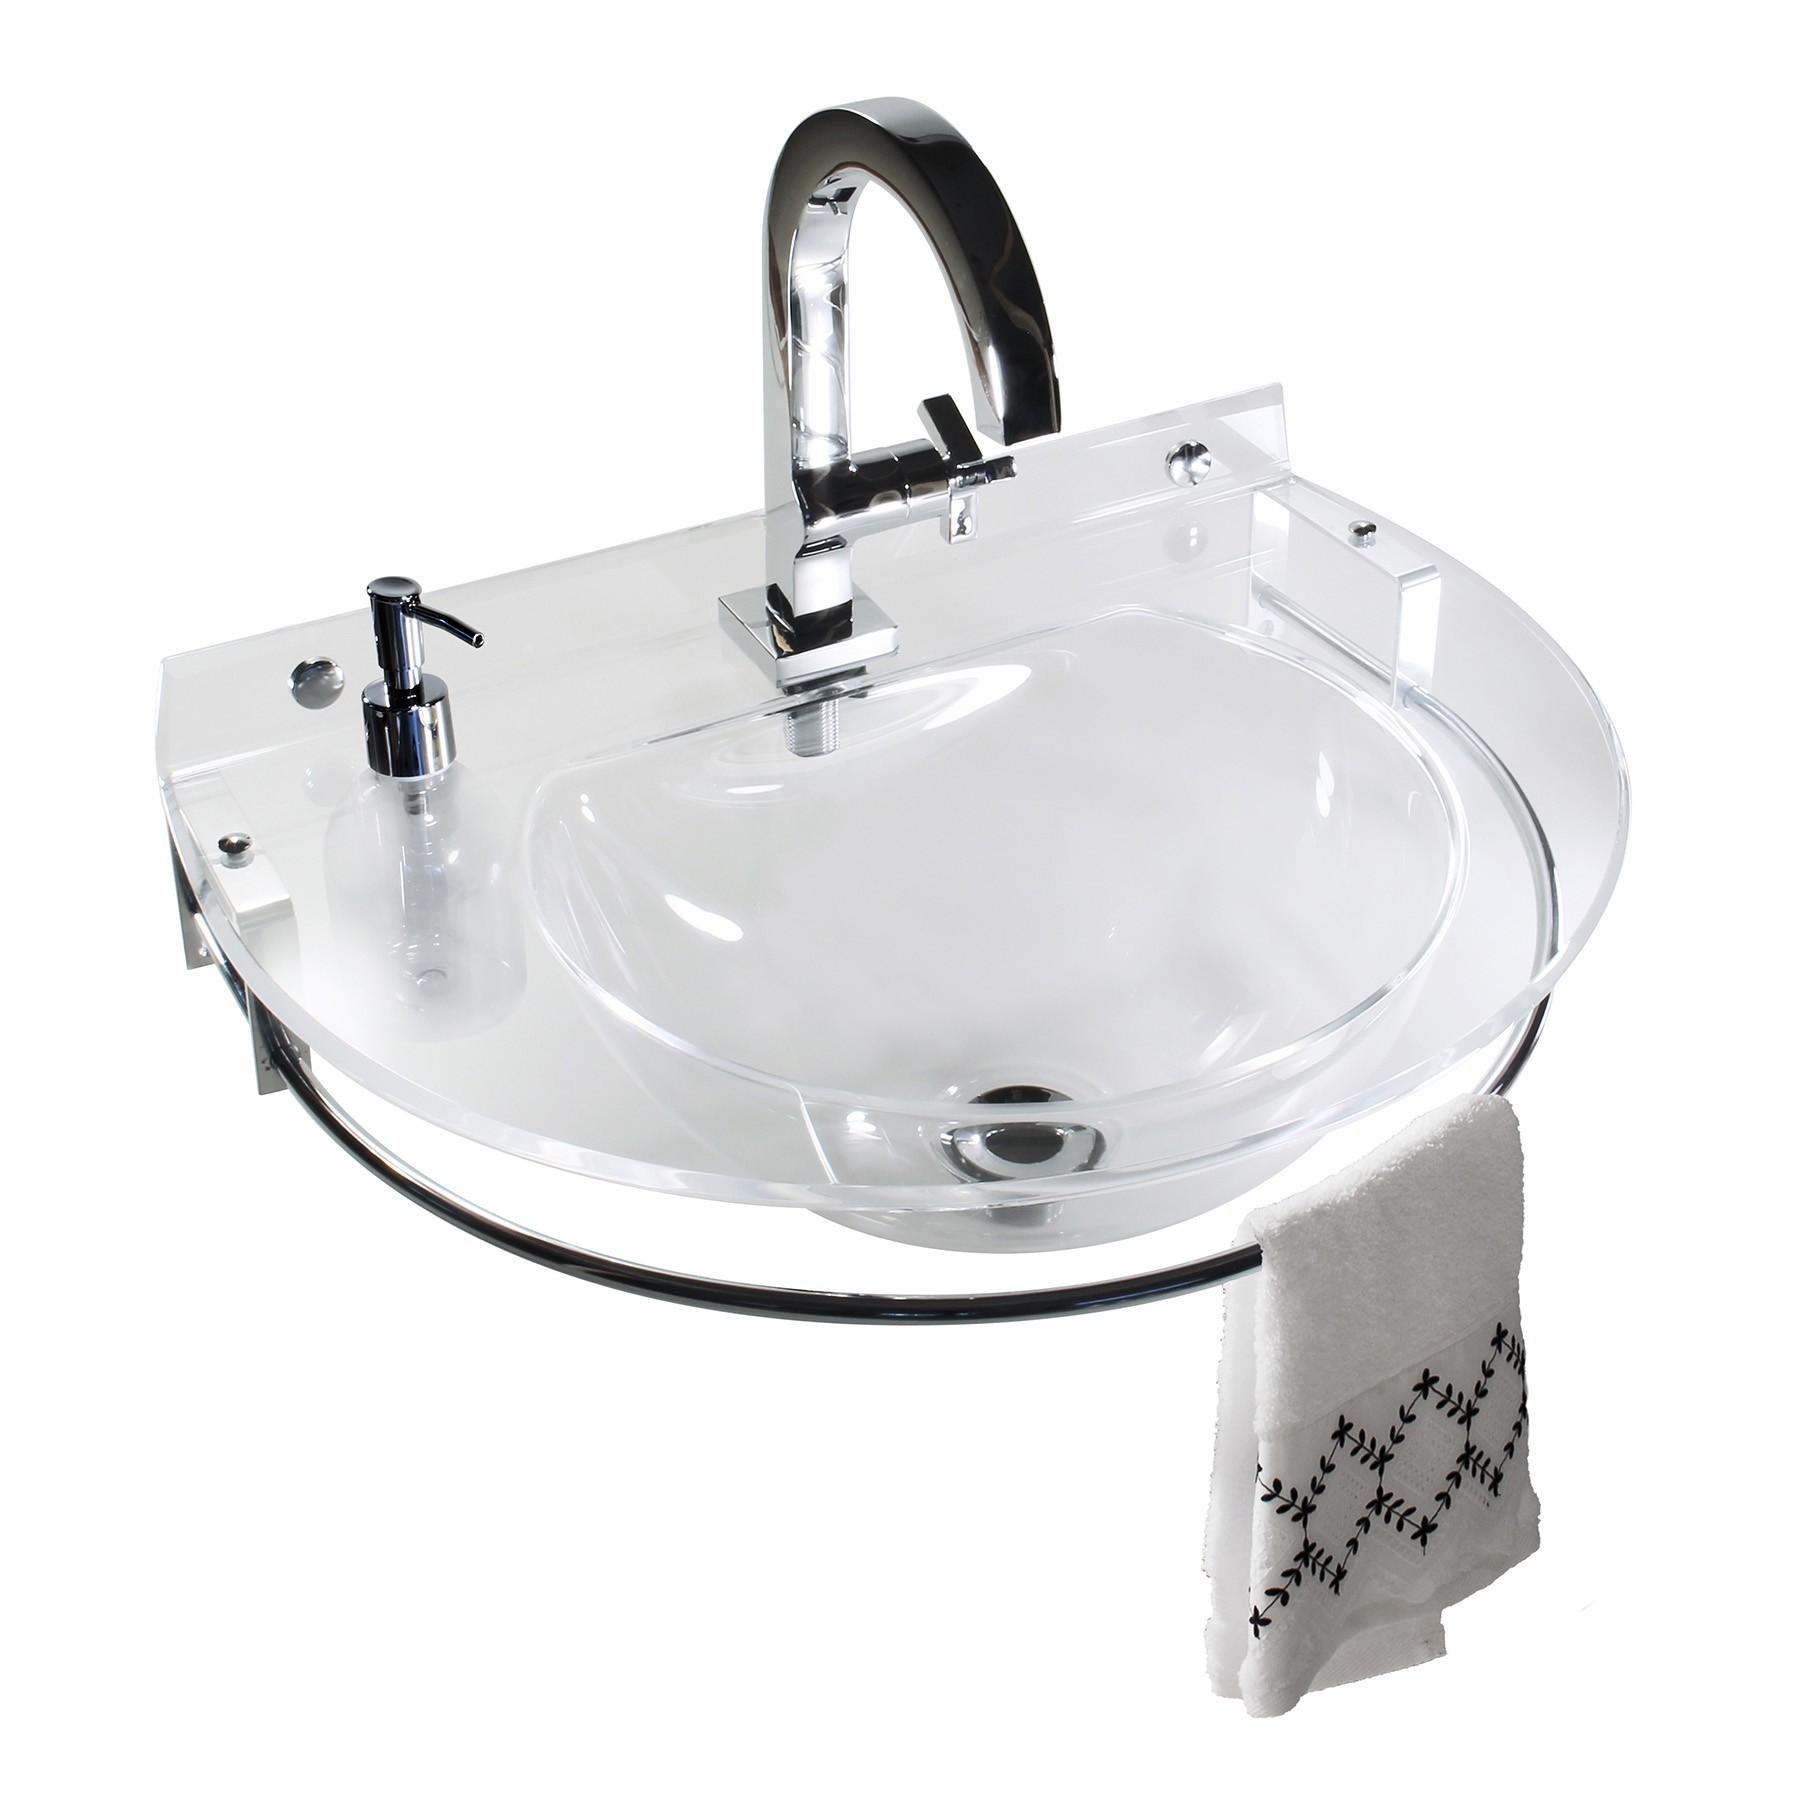 Lavatório redondo com toalheiro e porta sabonete líquido -Cristal